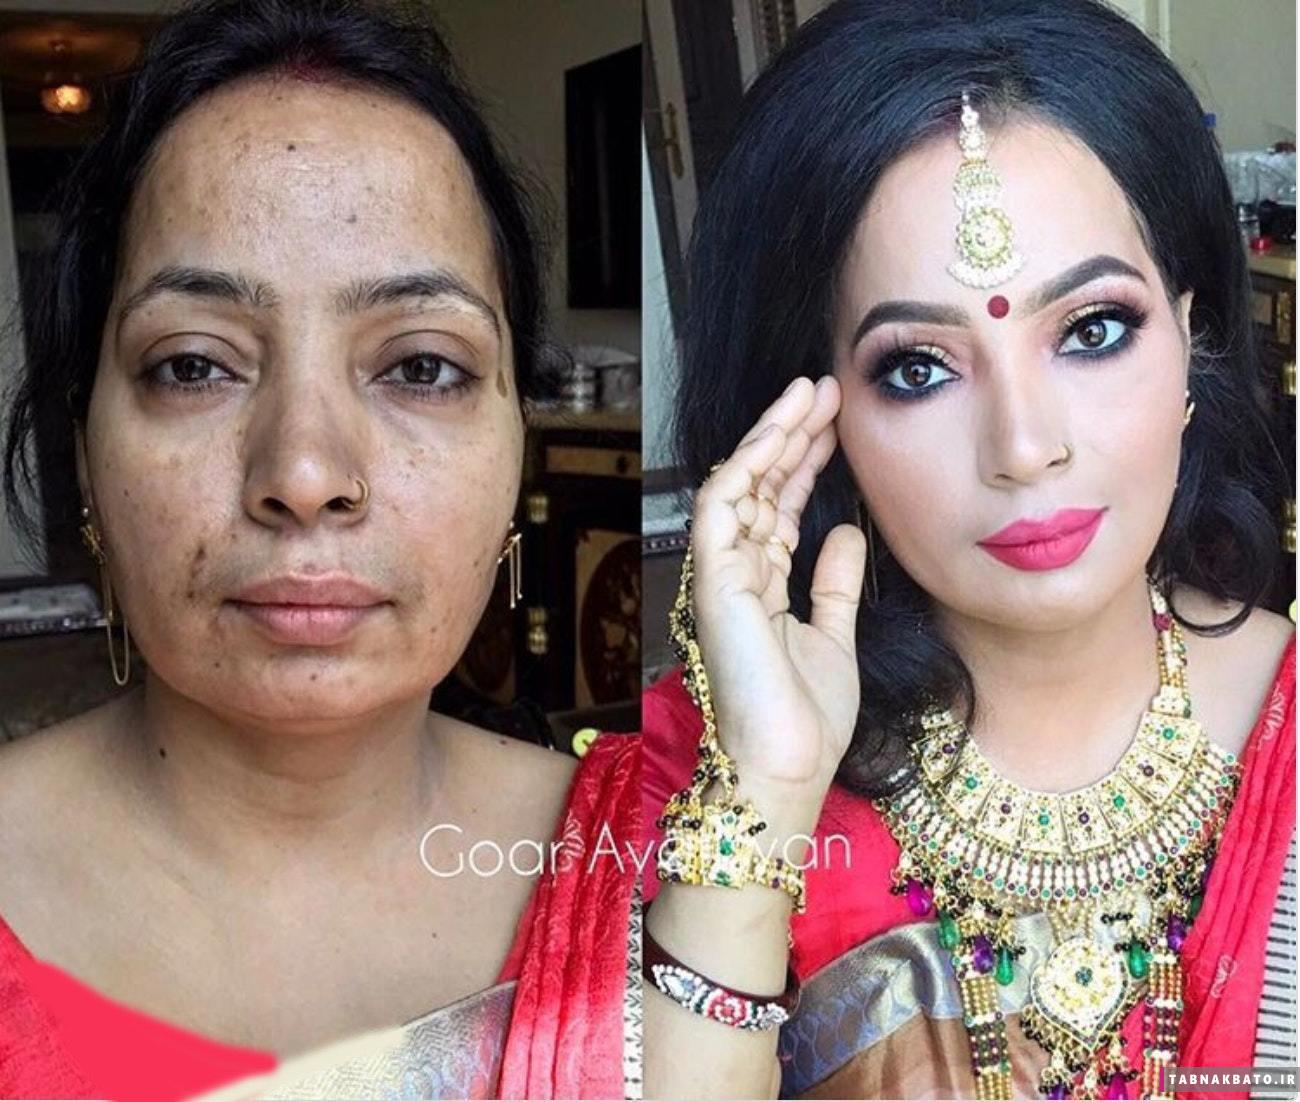 باورنکردنیترین آرایشهای چهره: تغییر اعجاب انگیز چهره خانمها!